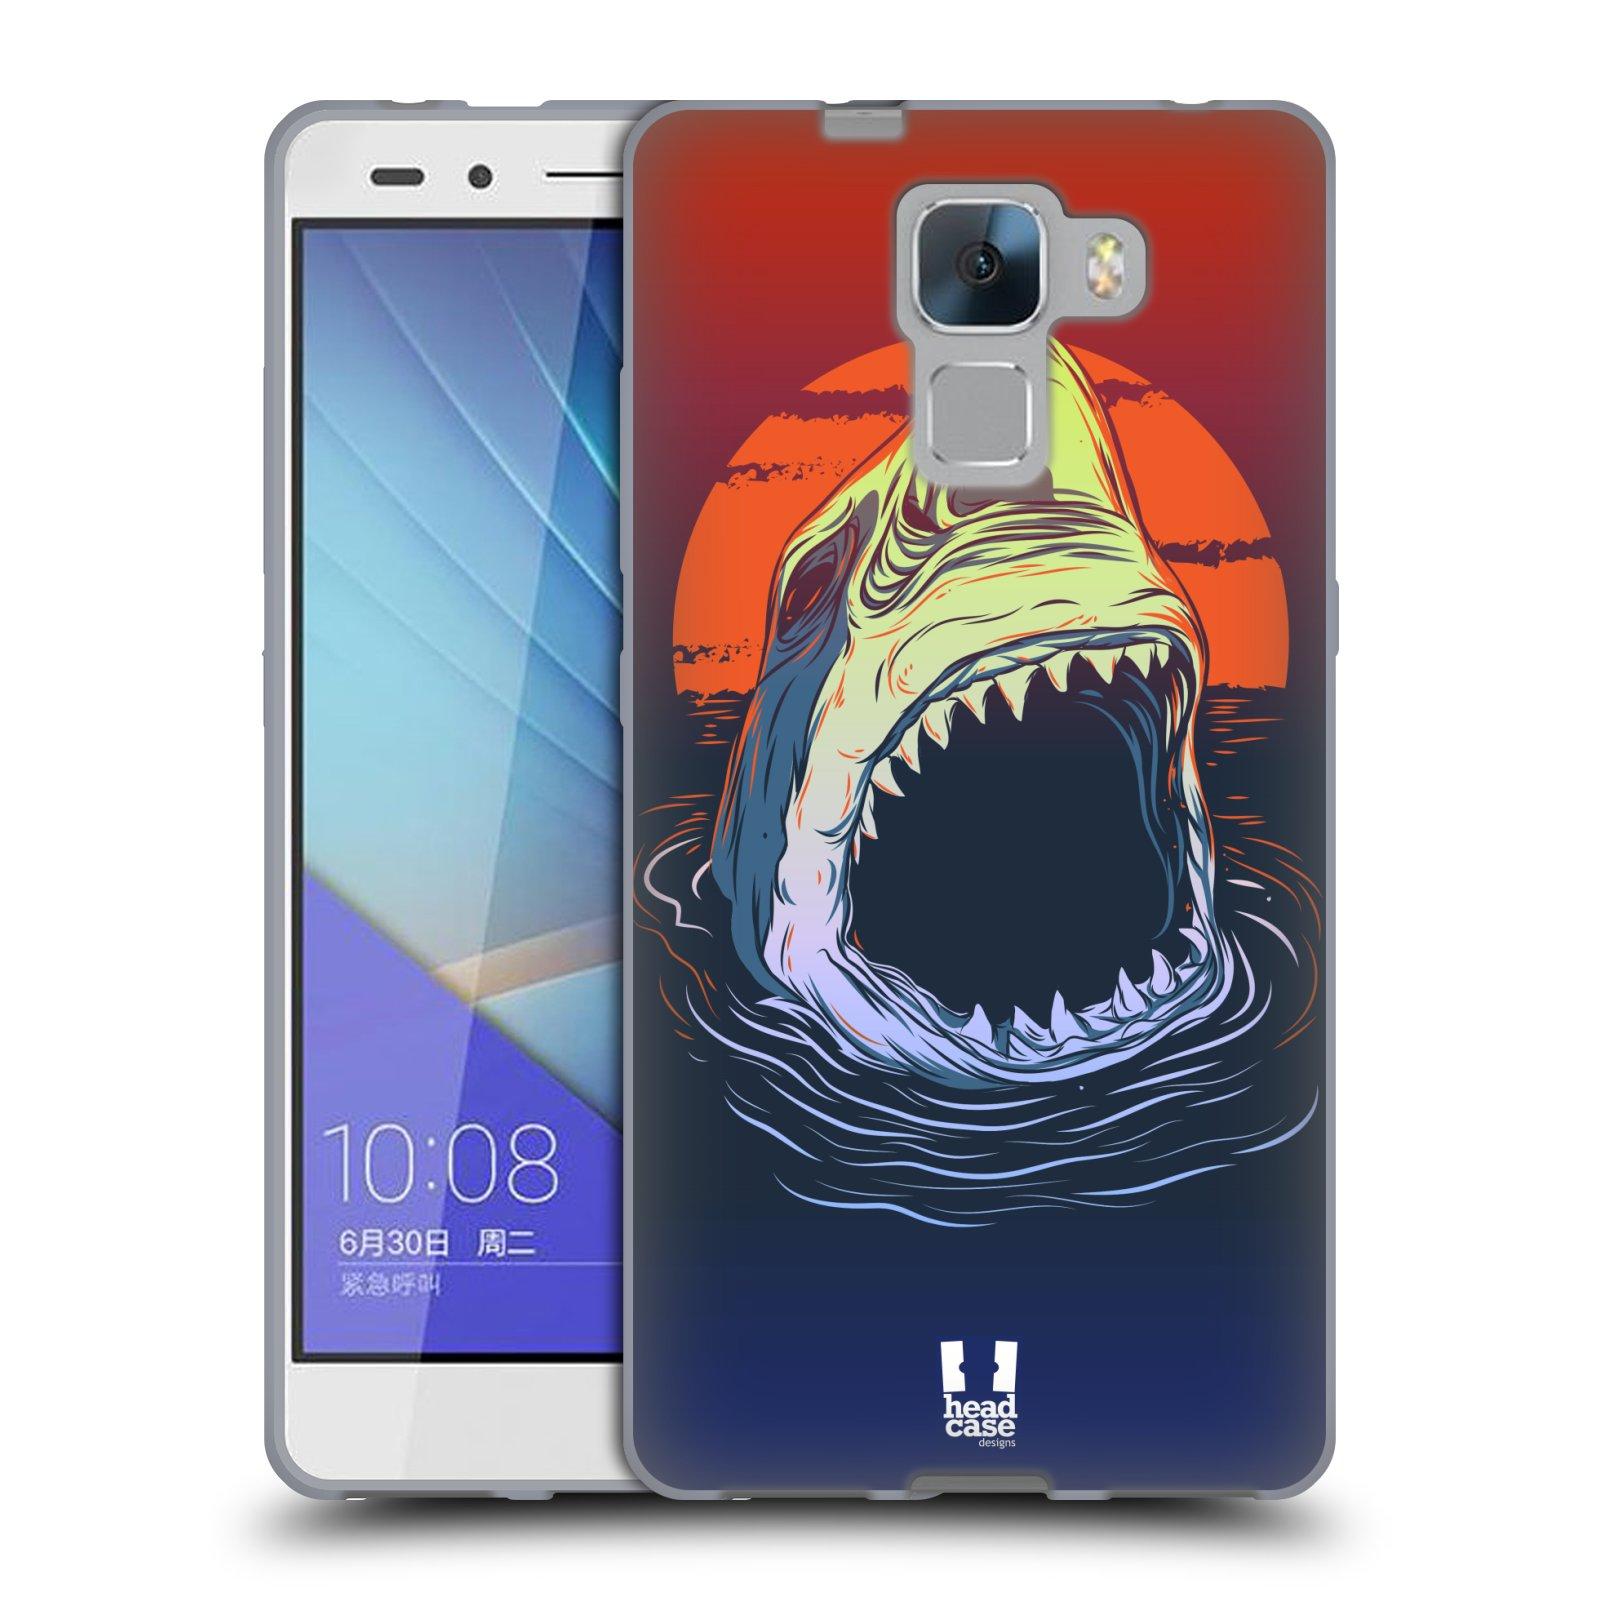 HEAD CASE silikonový obal na mobil HUAWEI HONOR 7 vzor mořská monstra žralok